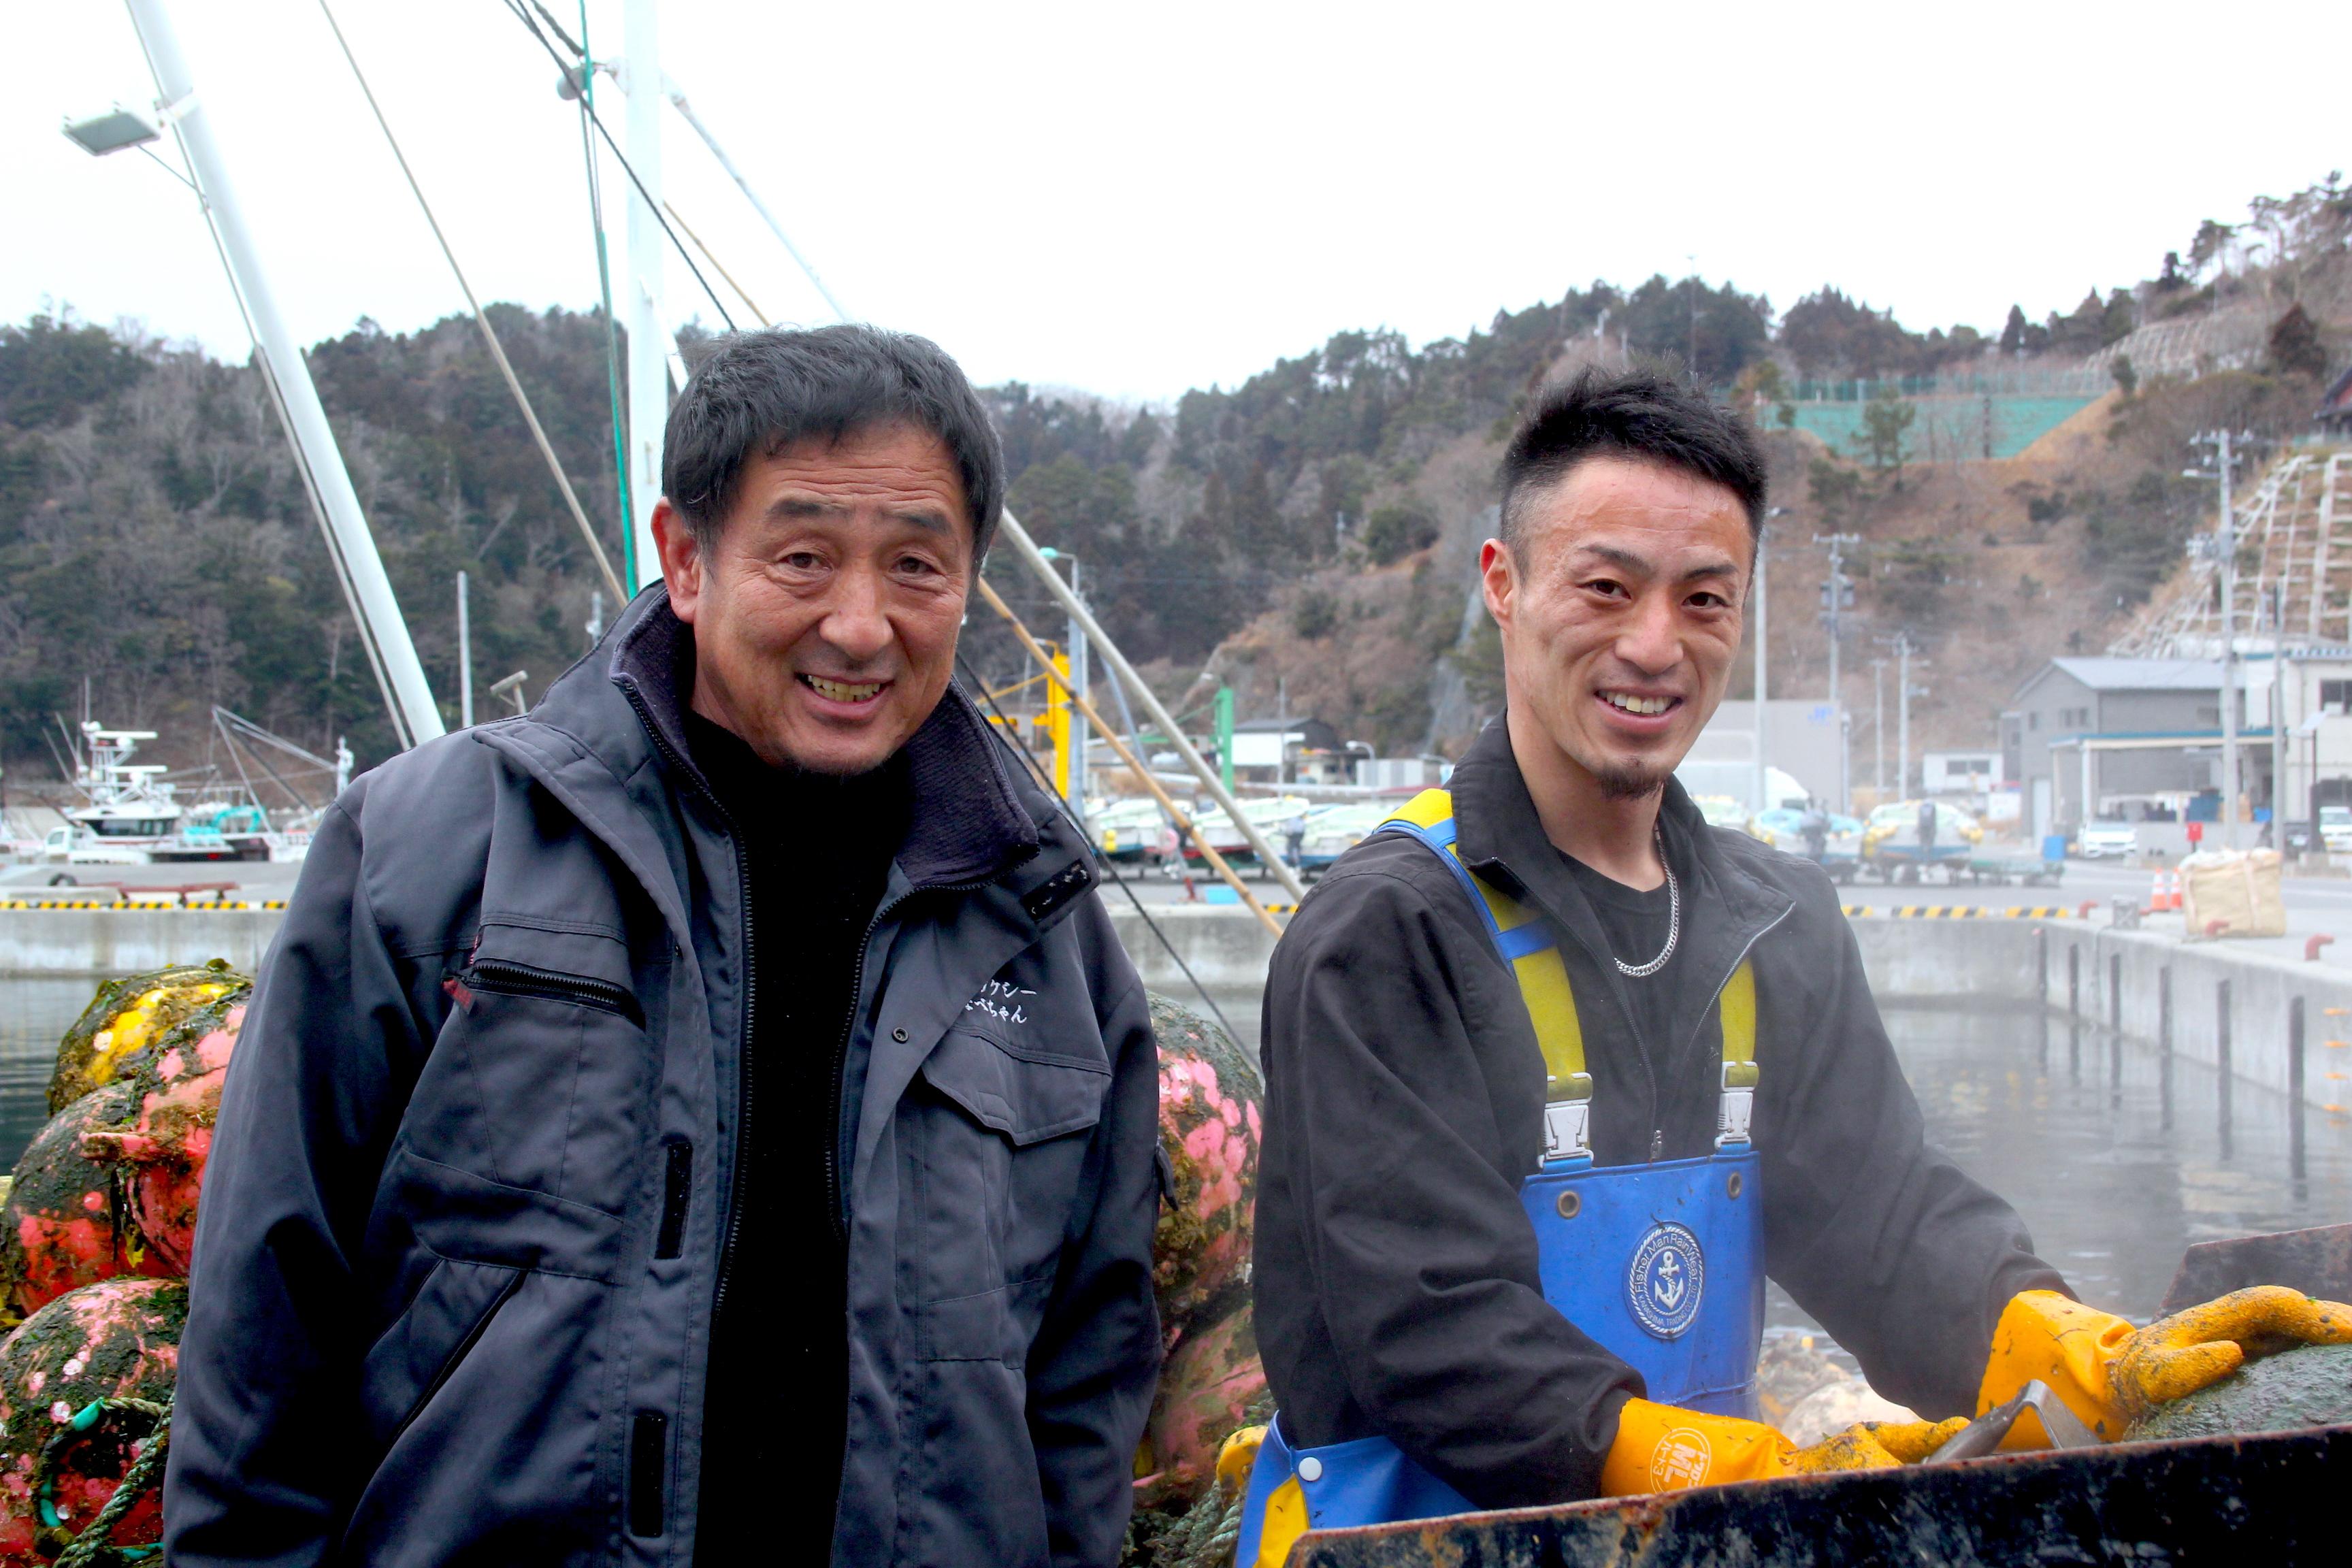 【宮城/漁師求人/養殖】「やるときは人の3倍やる」ホヤ養殖から海上タクシーまでこなす熱血親子漁師。